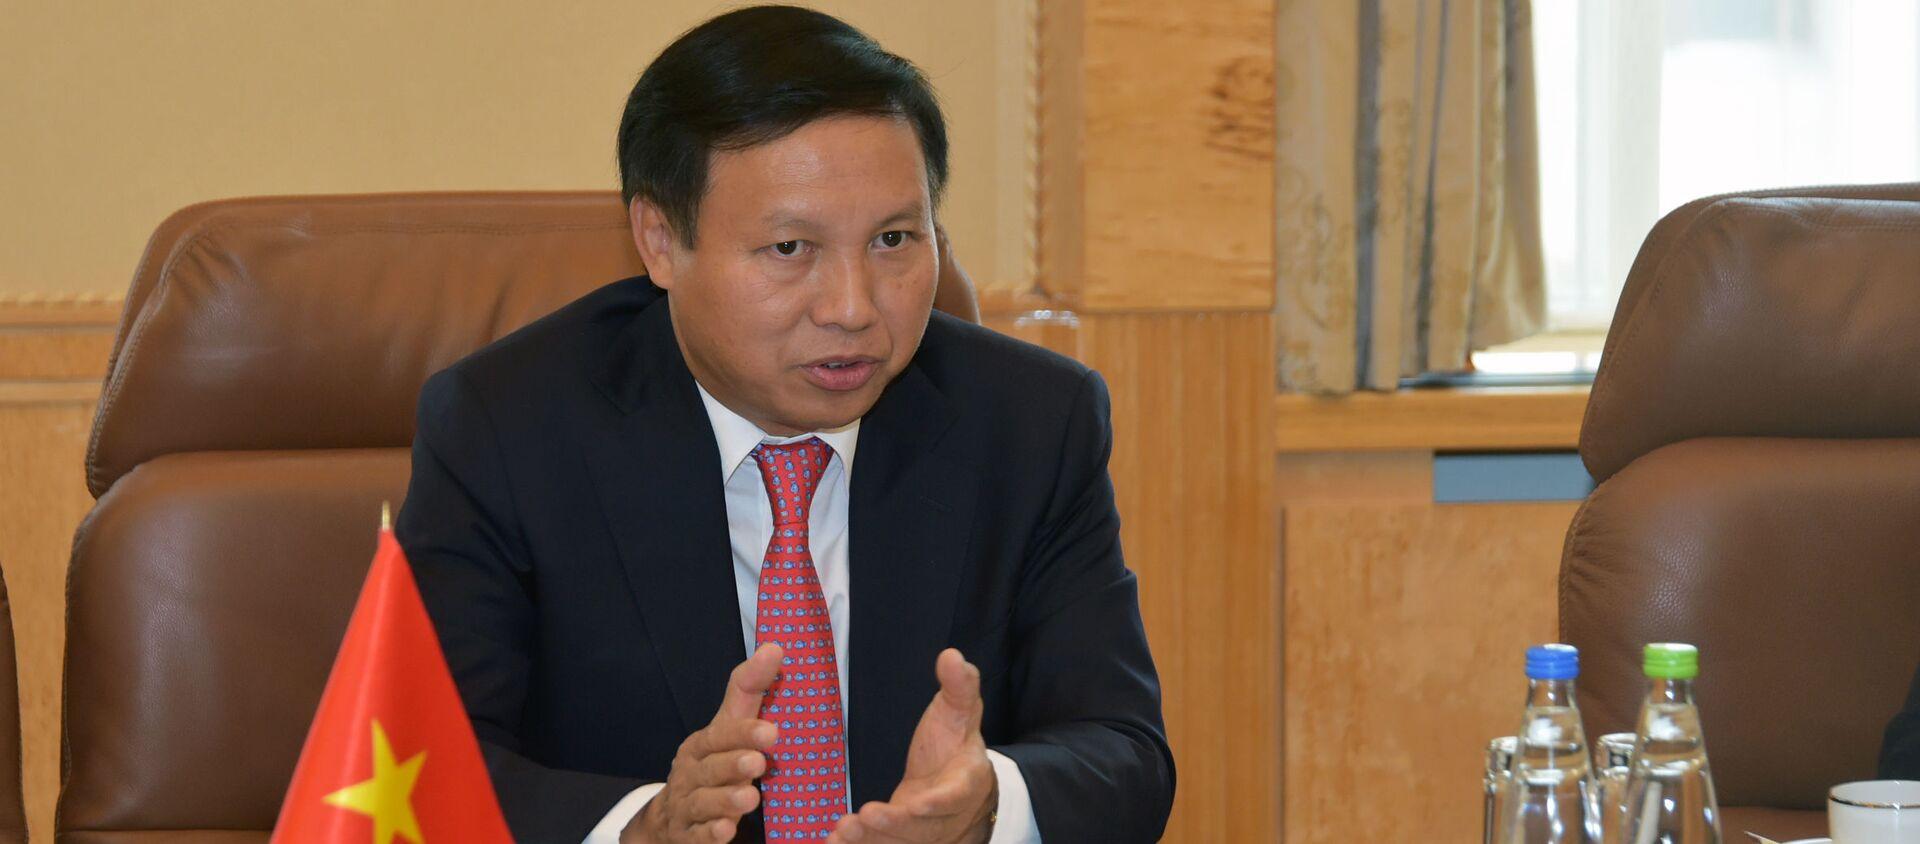 Đại sứ nước Cộng hoà xã hội chủ nghĩa Việt Nam tại Liên bang Nga Ngô Đức Mạnh tại cuộc gặp với Tổng thống Tatarstan Rustam Minnikhanov - Sputnik Việt Nam, 1920, 12.09.2019